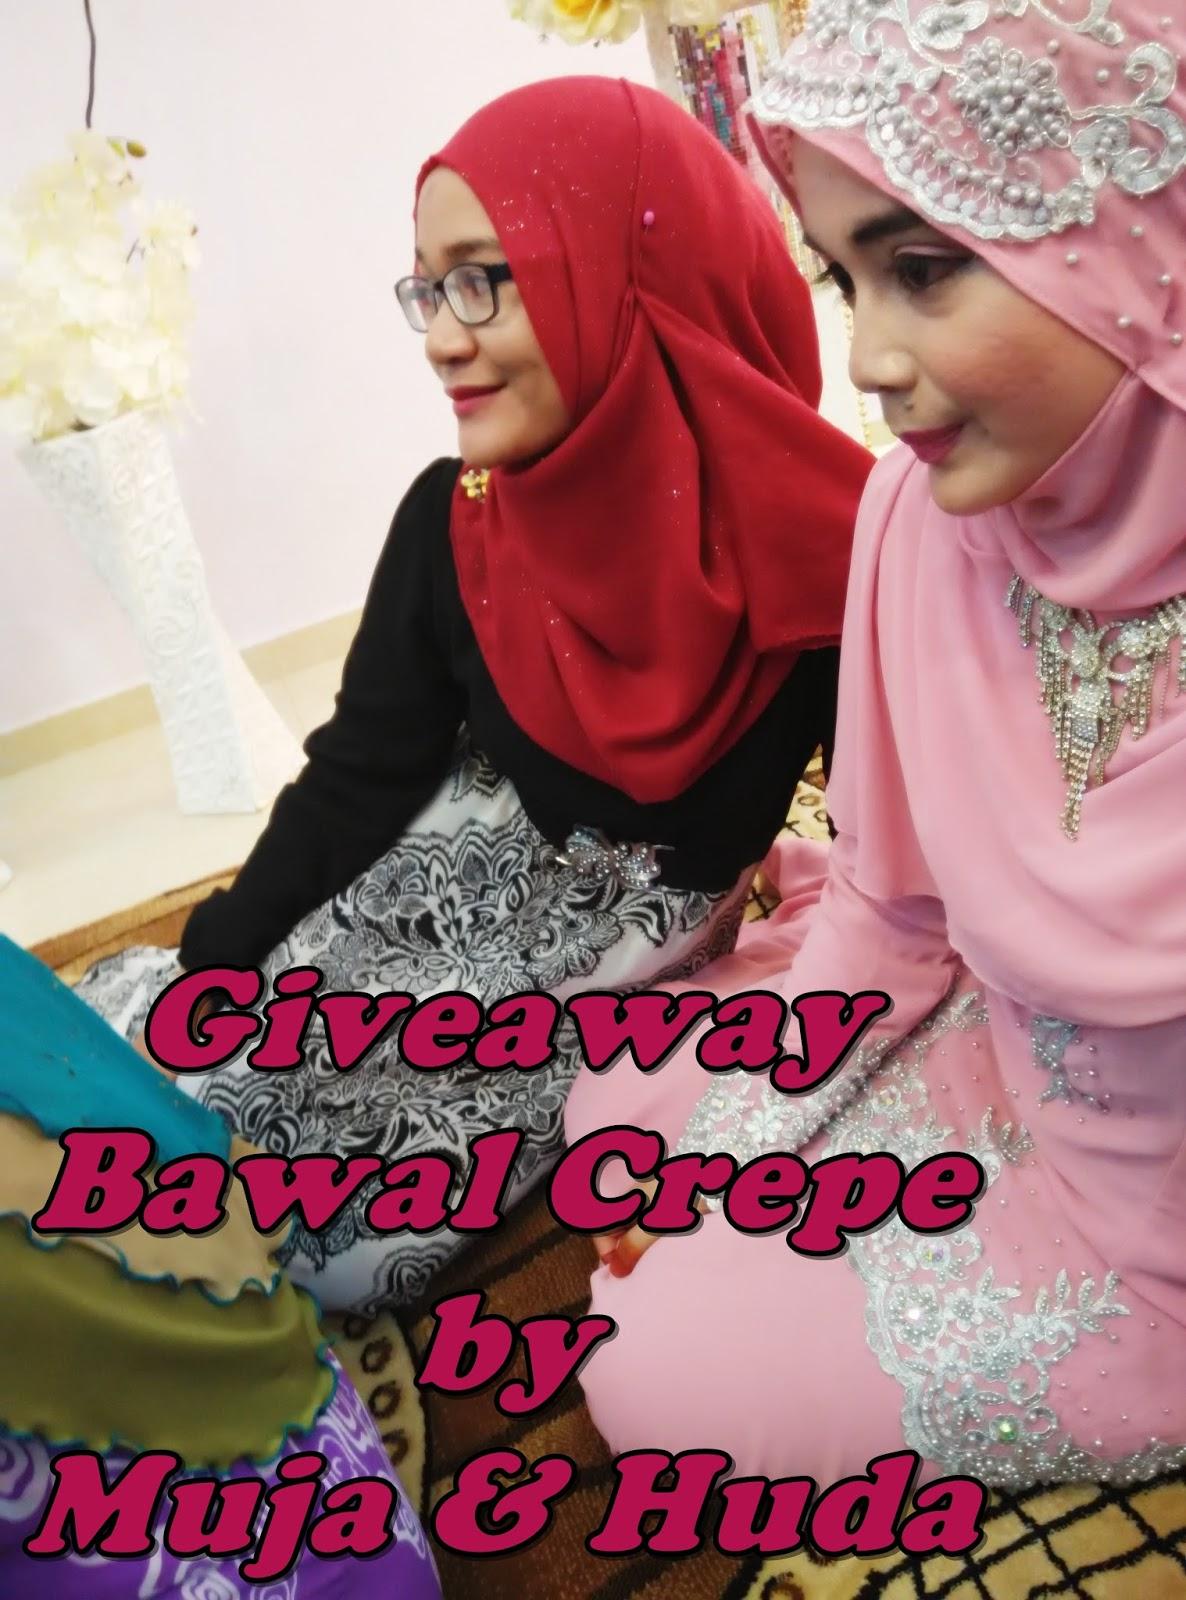 Giveaway Bawal Crepe From Muja & Huda